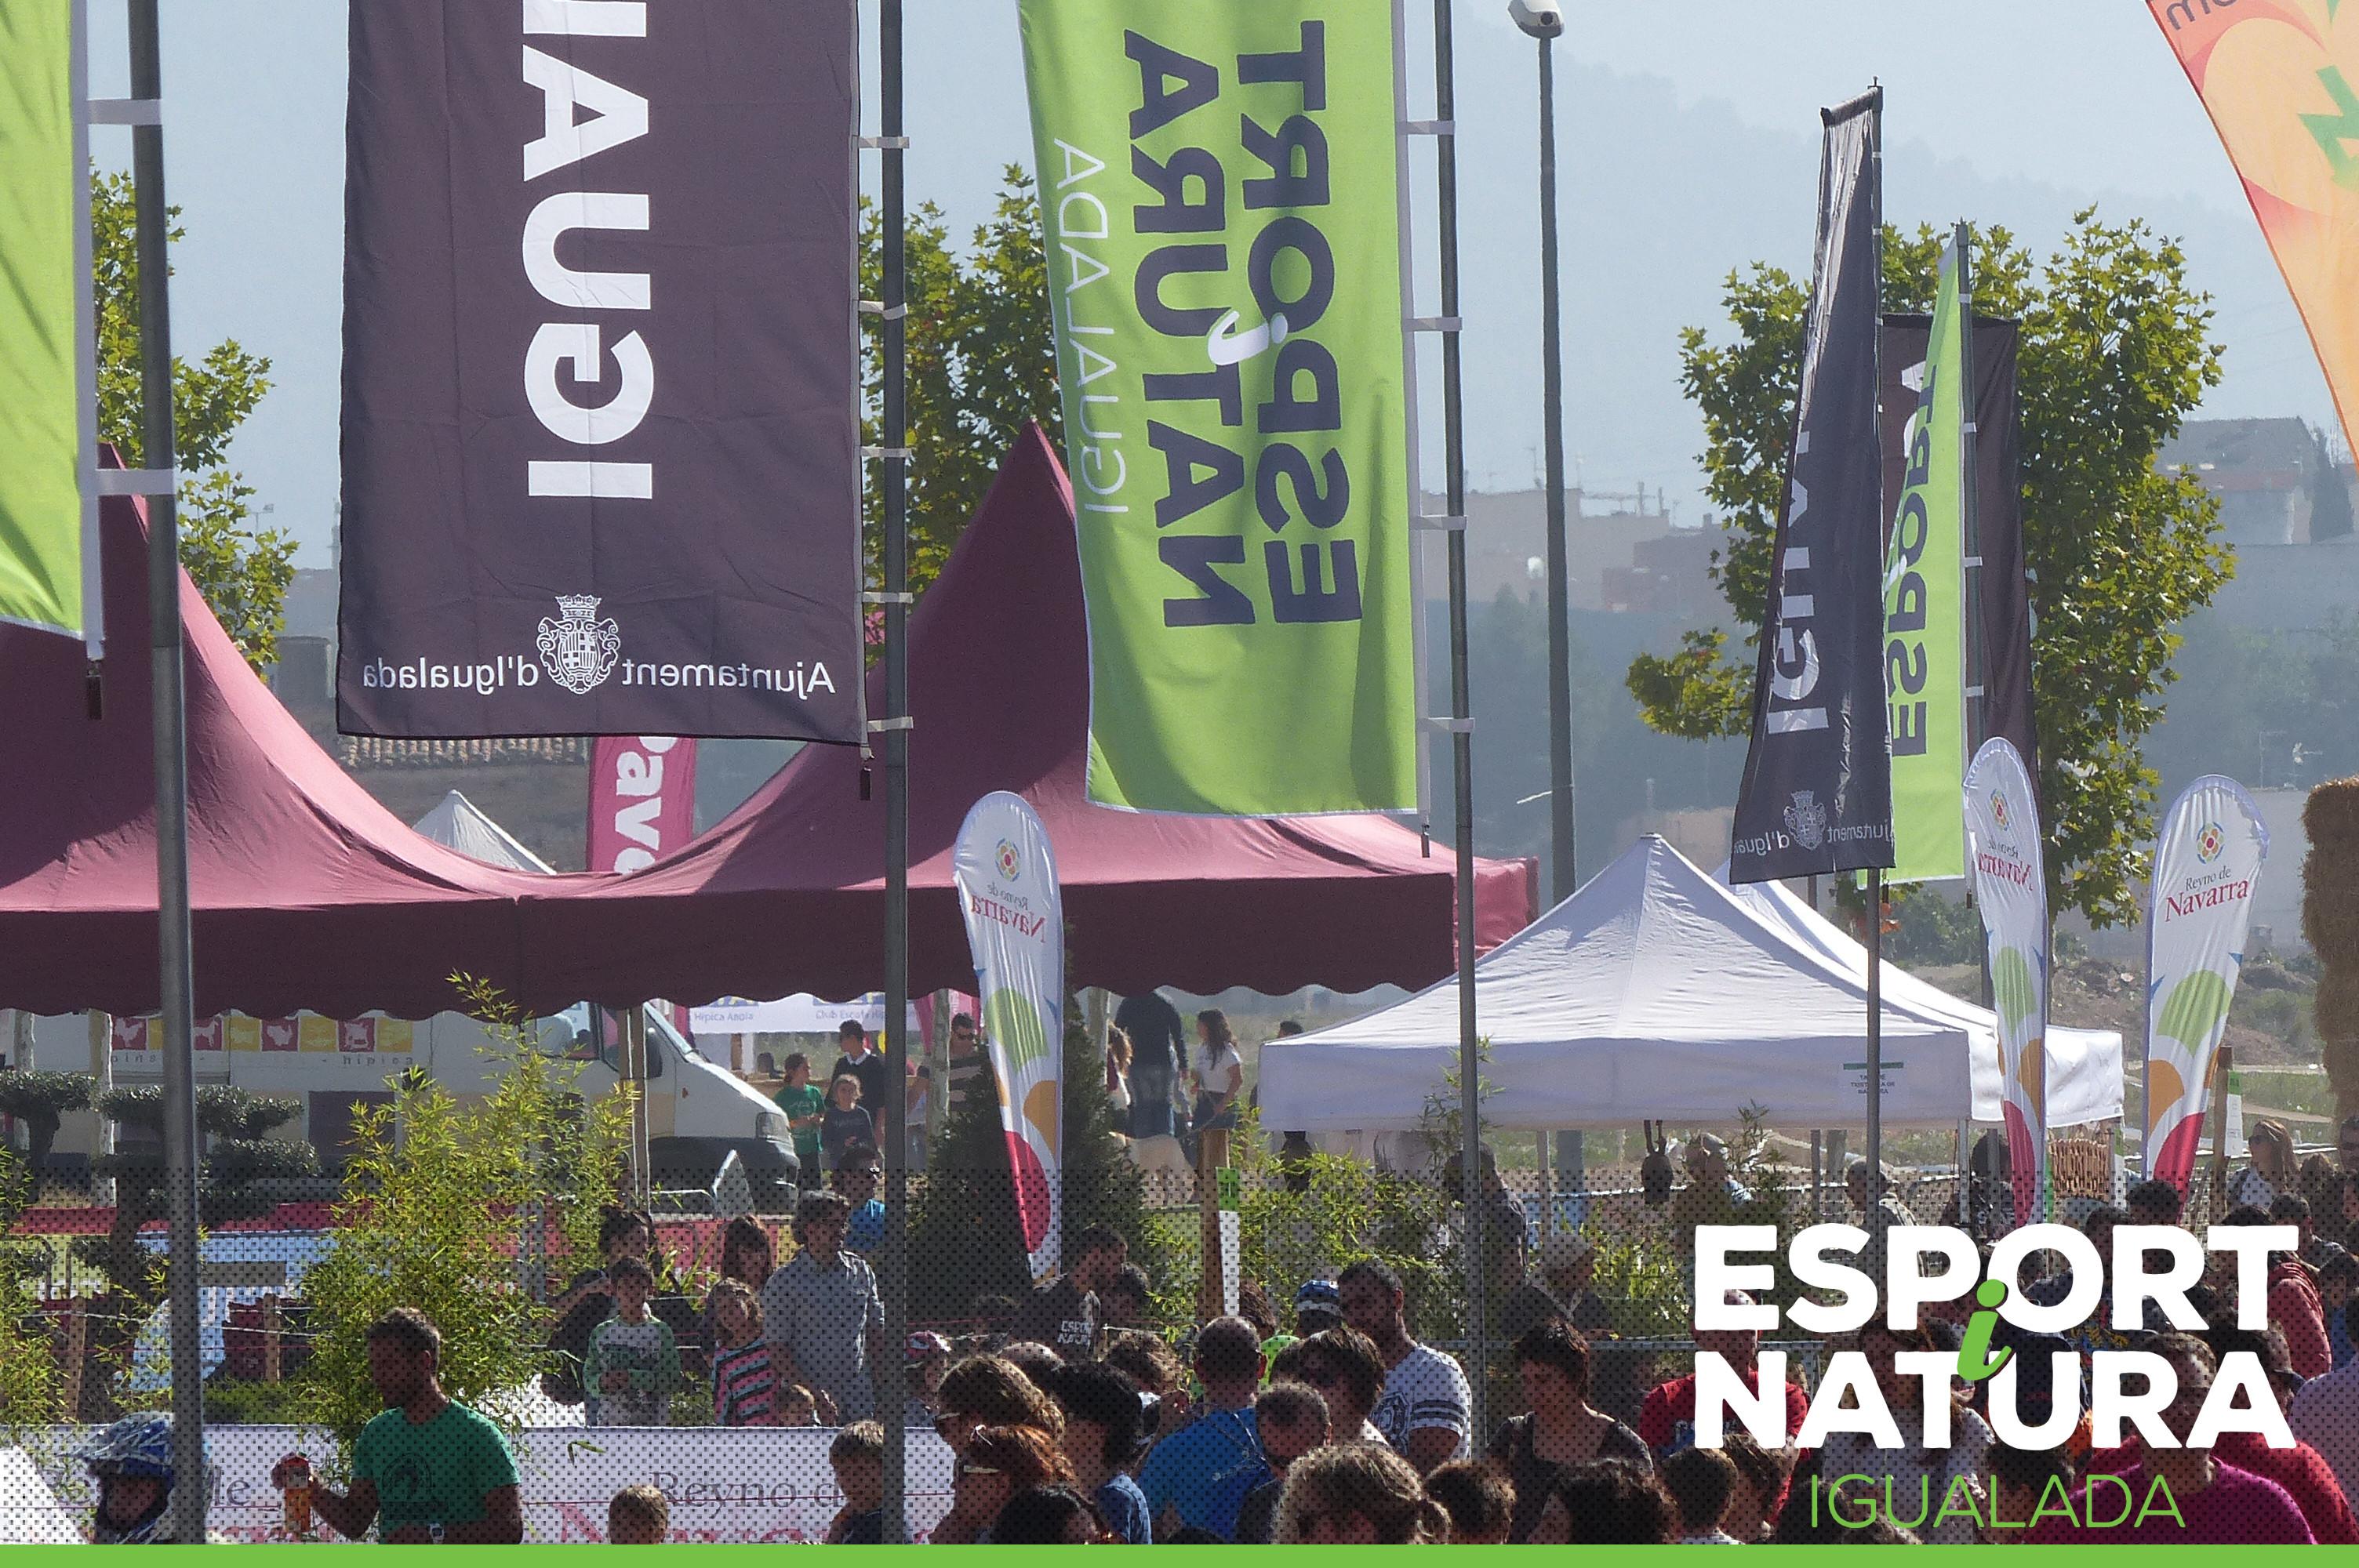 El públic respon massivament a la segona edició de l'Esport i Natura Igualada